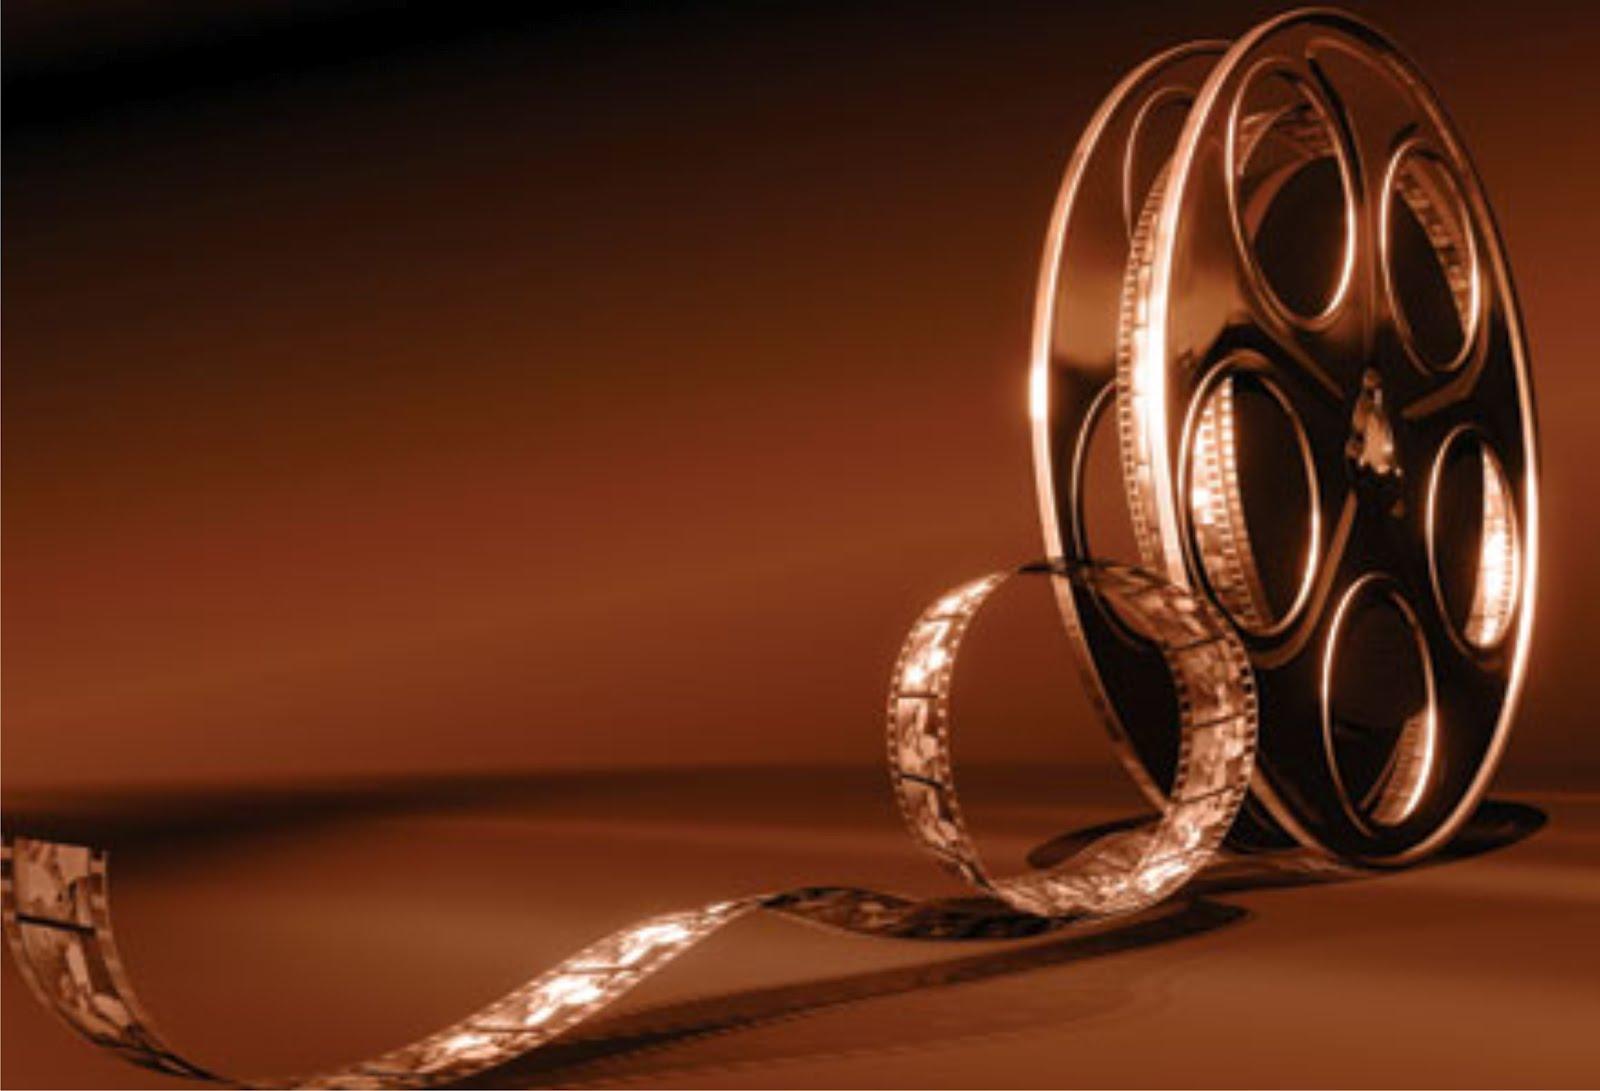 IFG divulga edital com novos cursos, entre eles o primeiro bacharelado em Cinema de Goiás